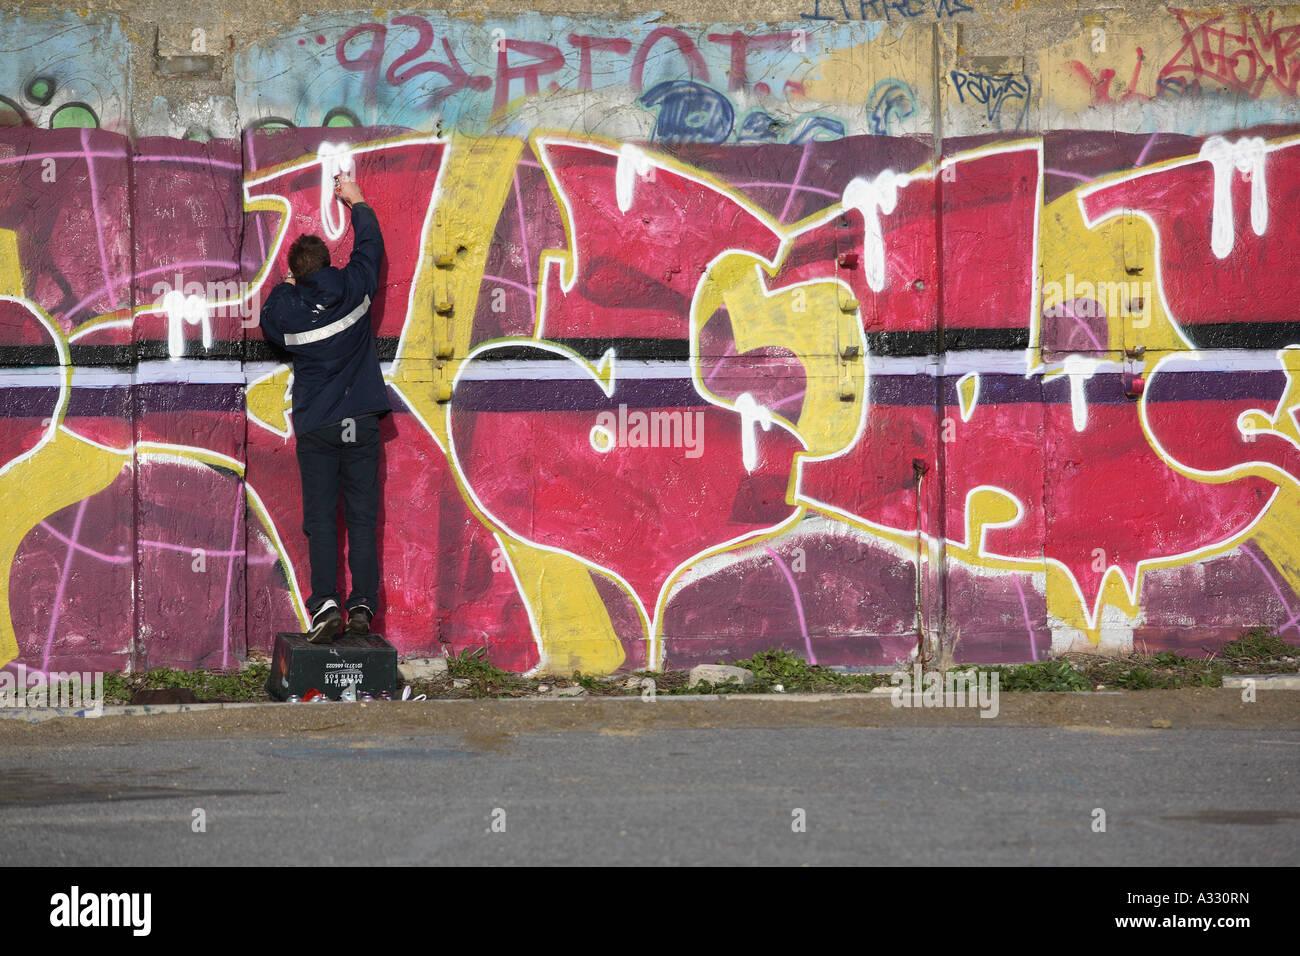 young Graffitti artist - Stock Image